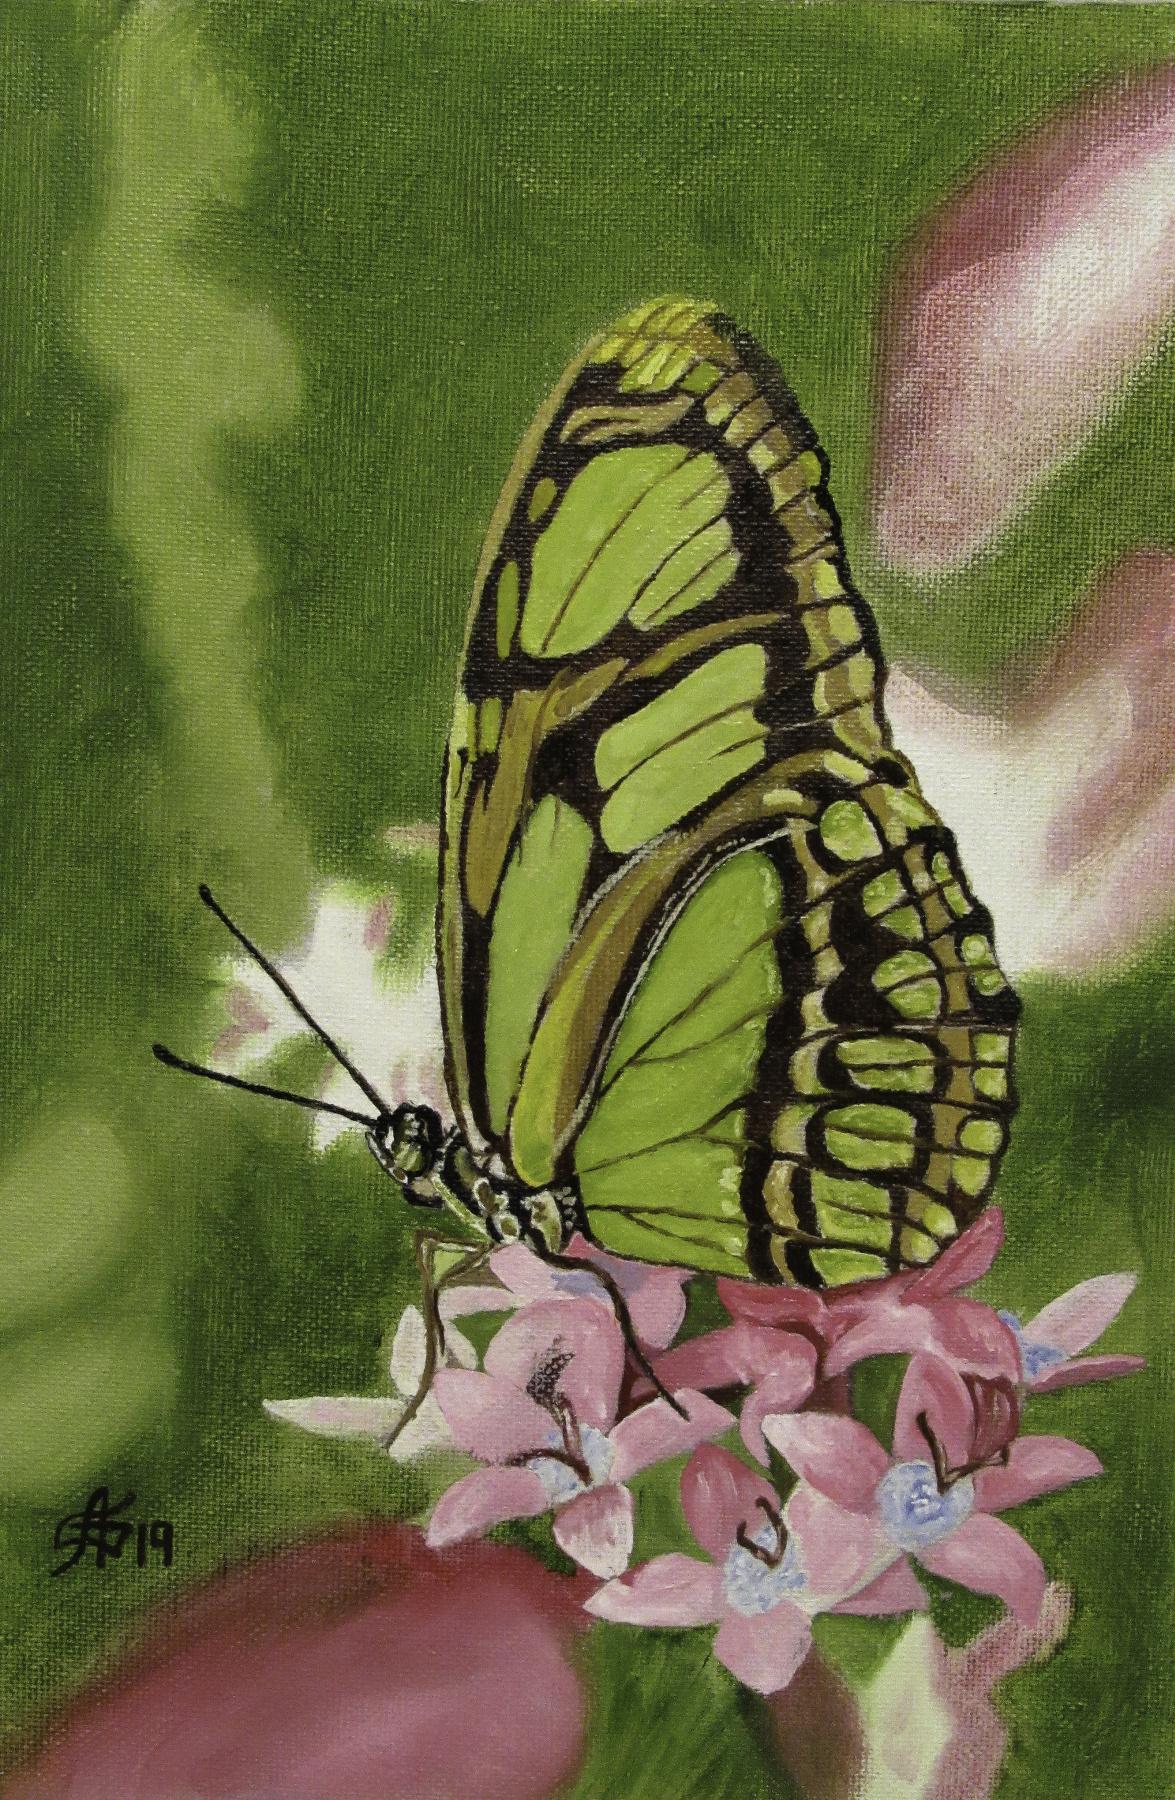 Artashes Vladimirovich Badalyan. Butterflies-2 - x-hardboard-m - 30x20